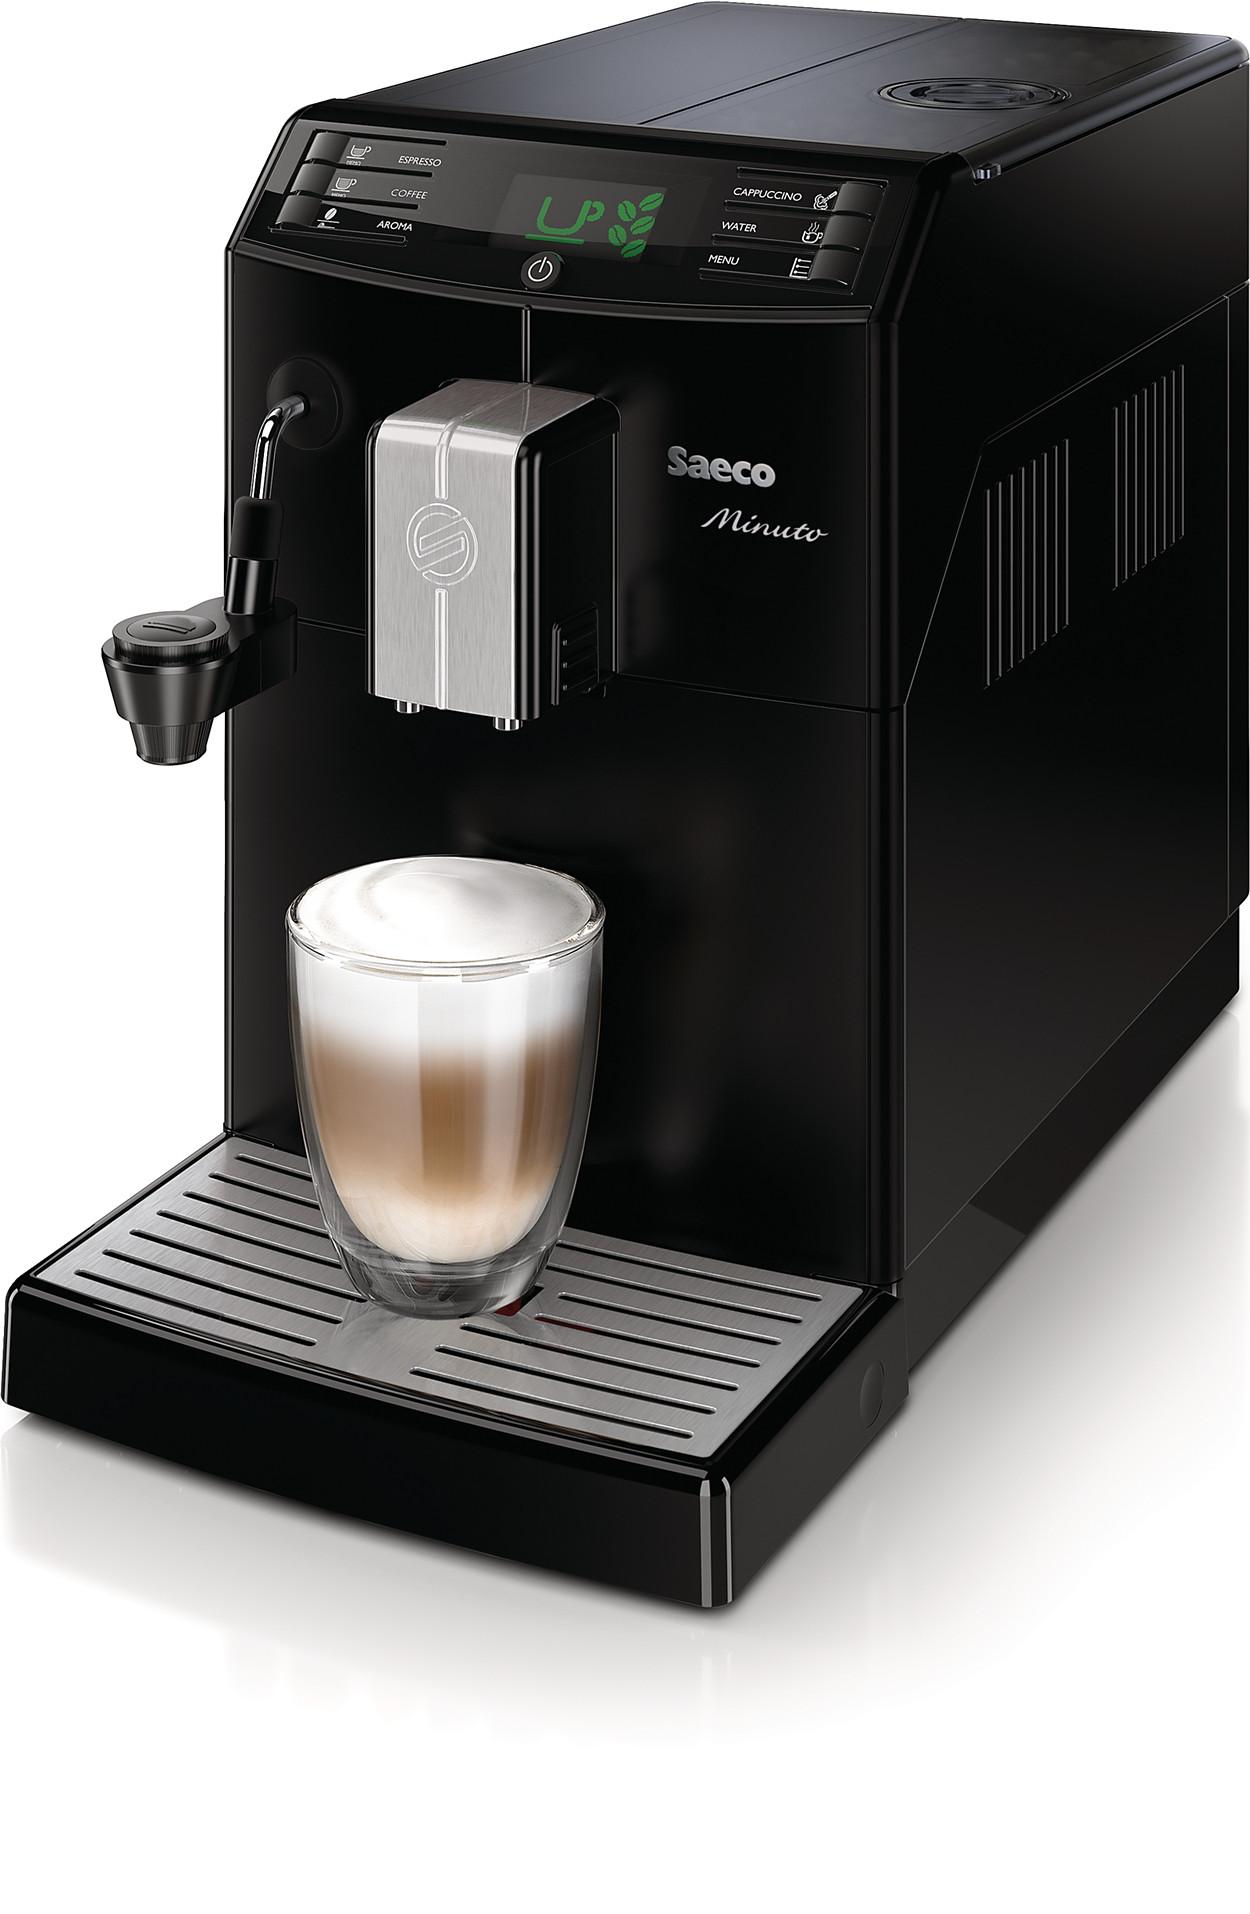 minuto kaffeevollautomat hd8762 01 saeco. Black Bedroom Furniture Sets. Home Design Ideas